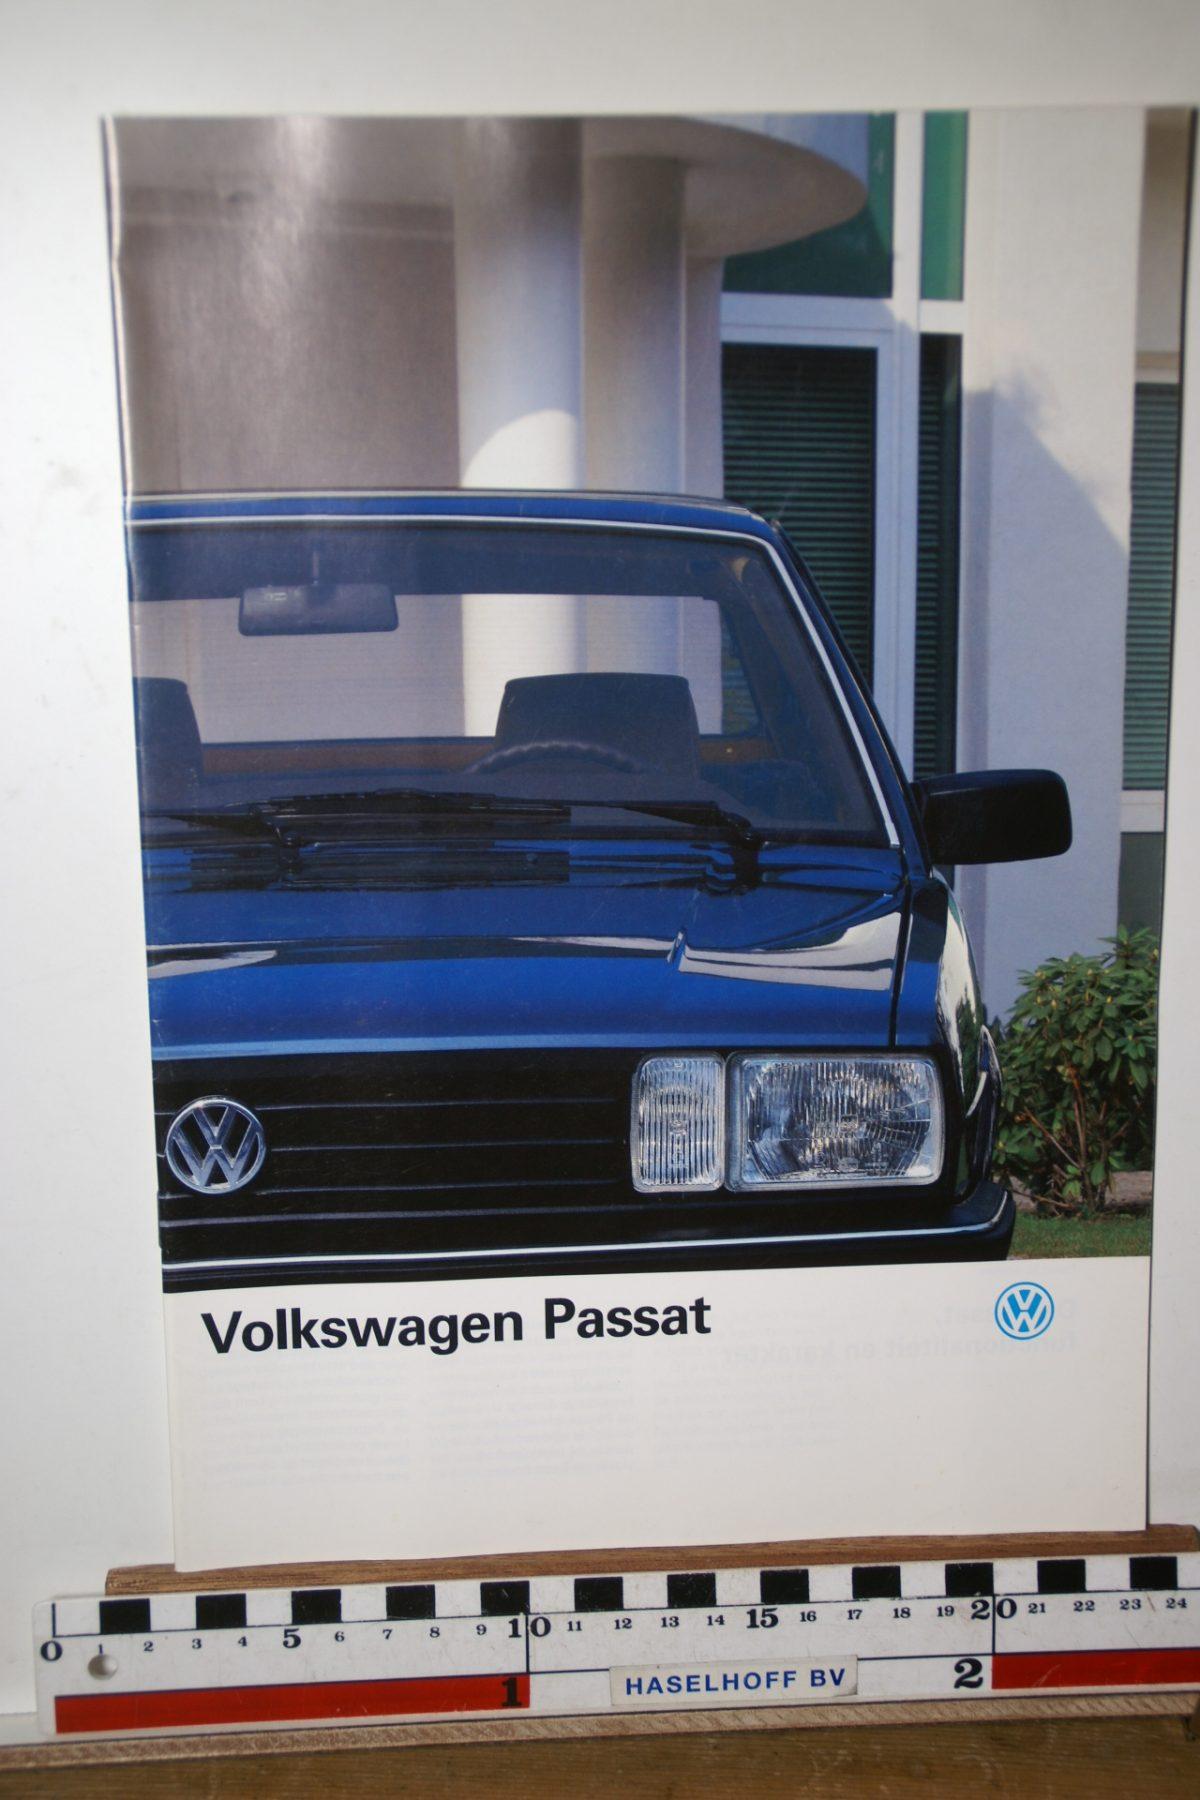 DSC02608 ca 1989 brochure Volkswagen Passat 620.2290.25.33